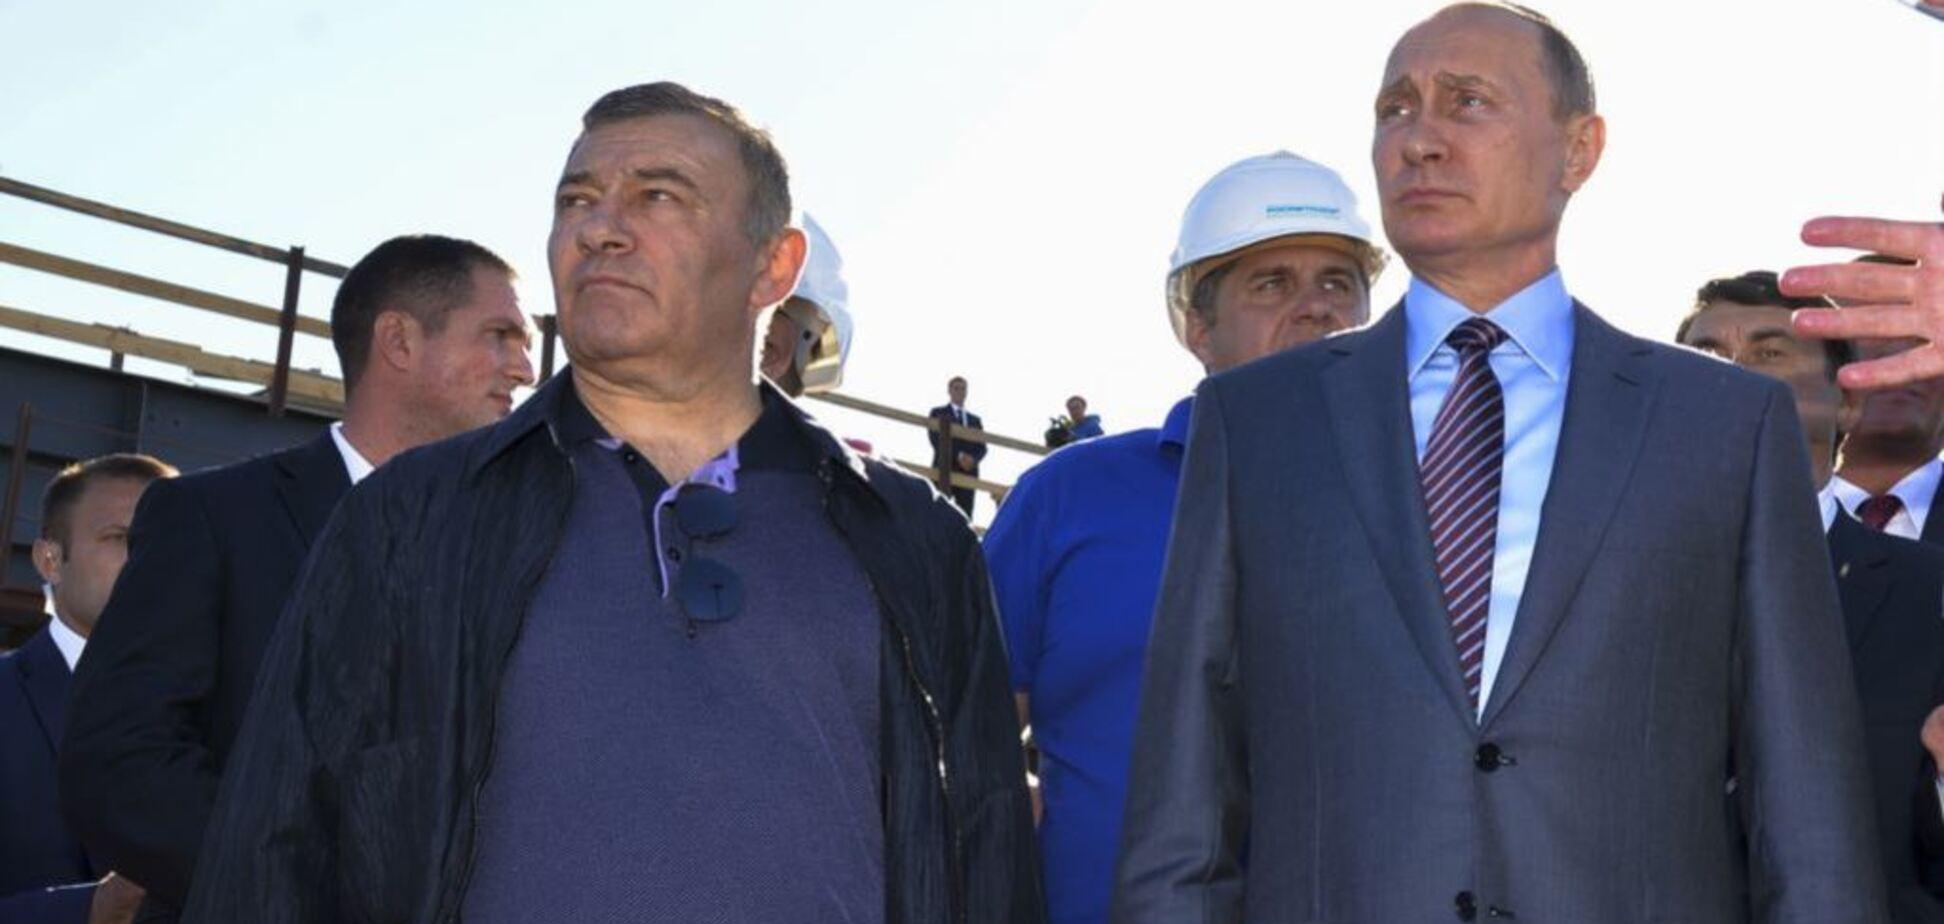 Друг Путіна розв'язав ''війну'' через санкції: наважився на радикальні заходи